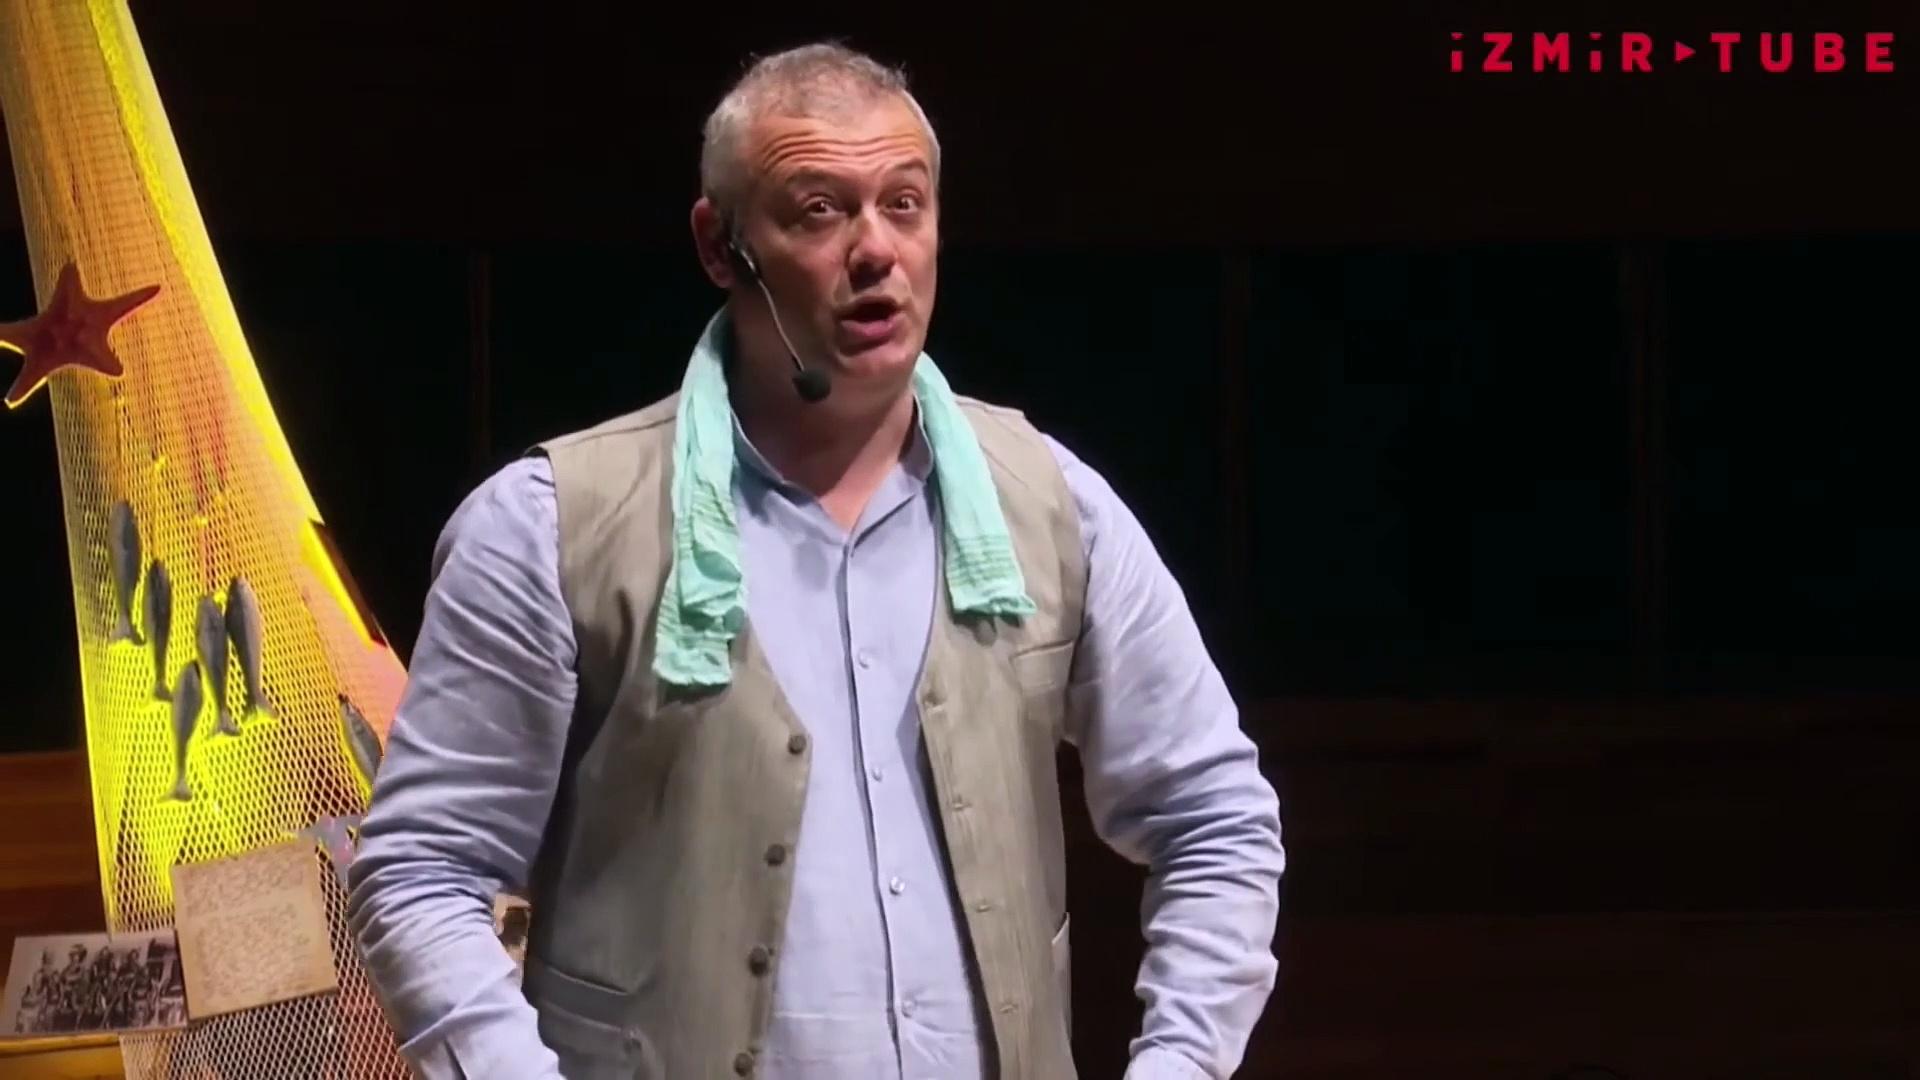 İzmir Büyükşehir Belediyesi'nden 'Ev Tiyatrosu': Levent Üzümcü / Anlatılan Senin Hikayendir